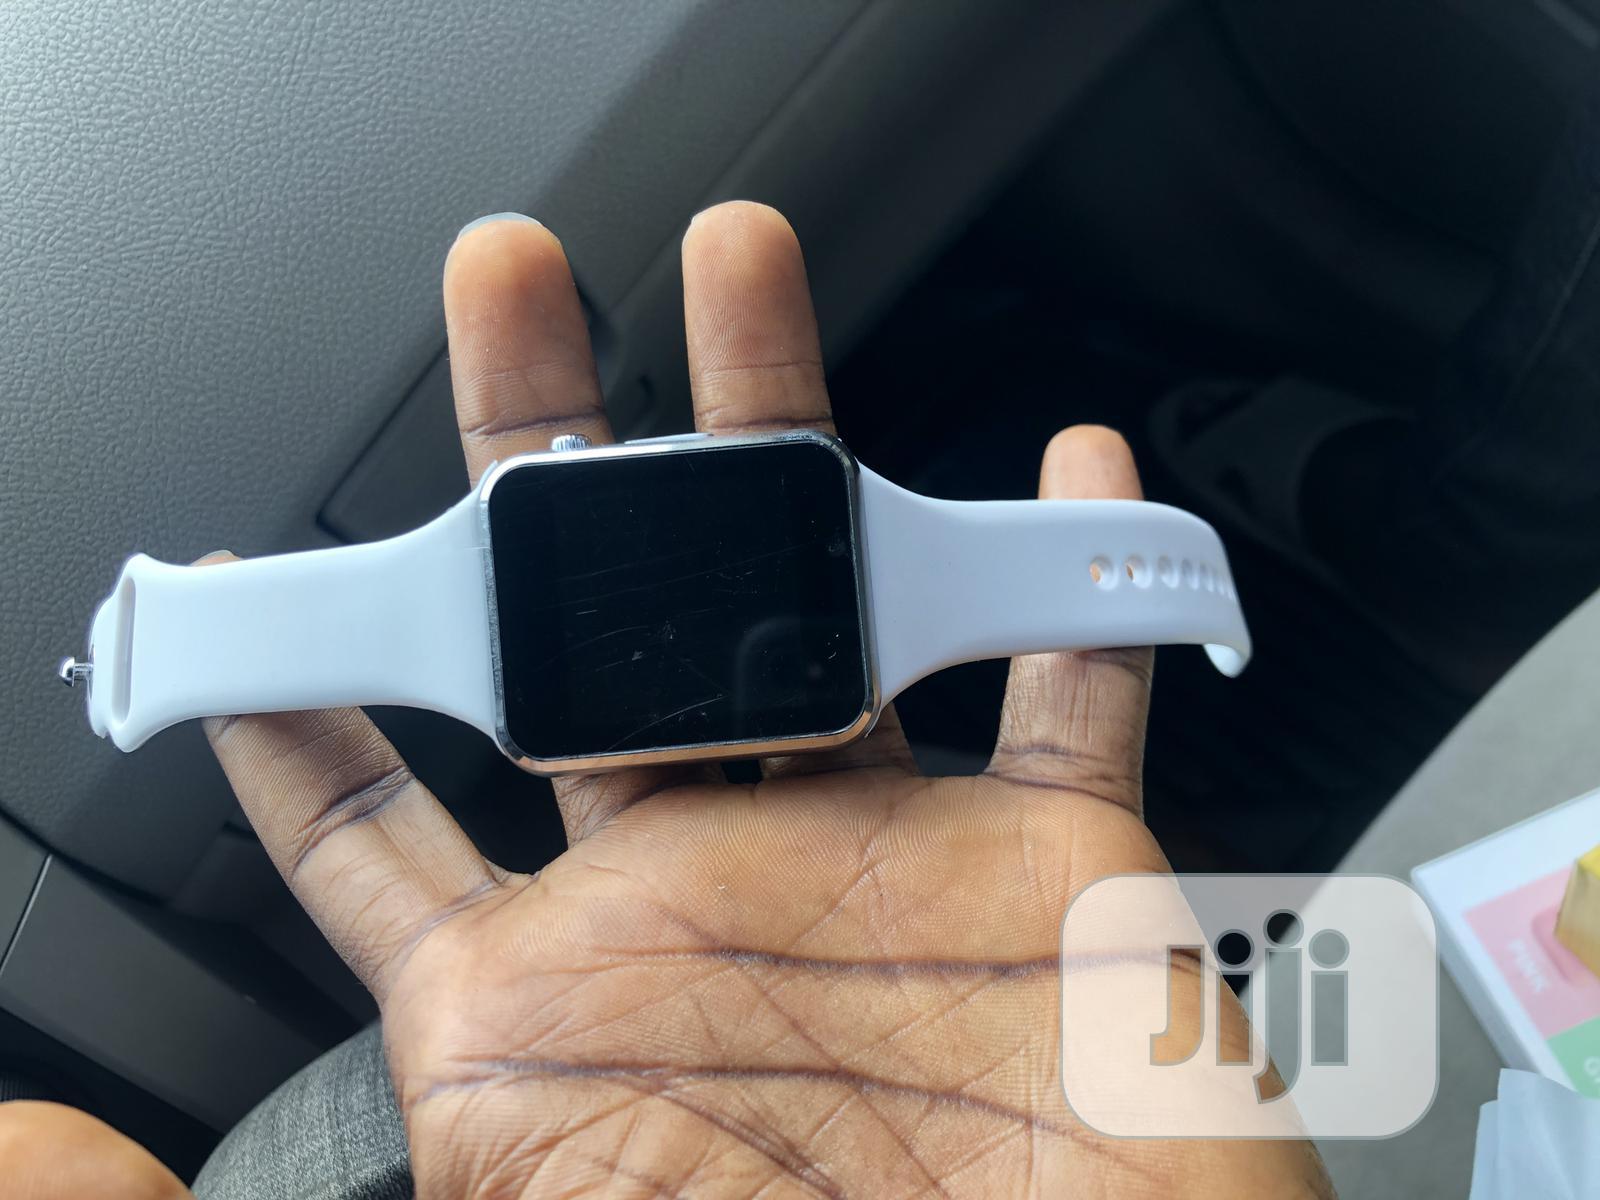 Iwatch A1 Smartwatch